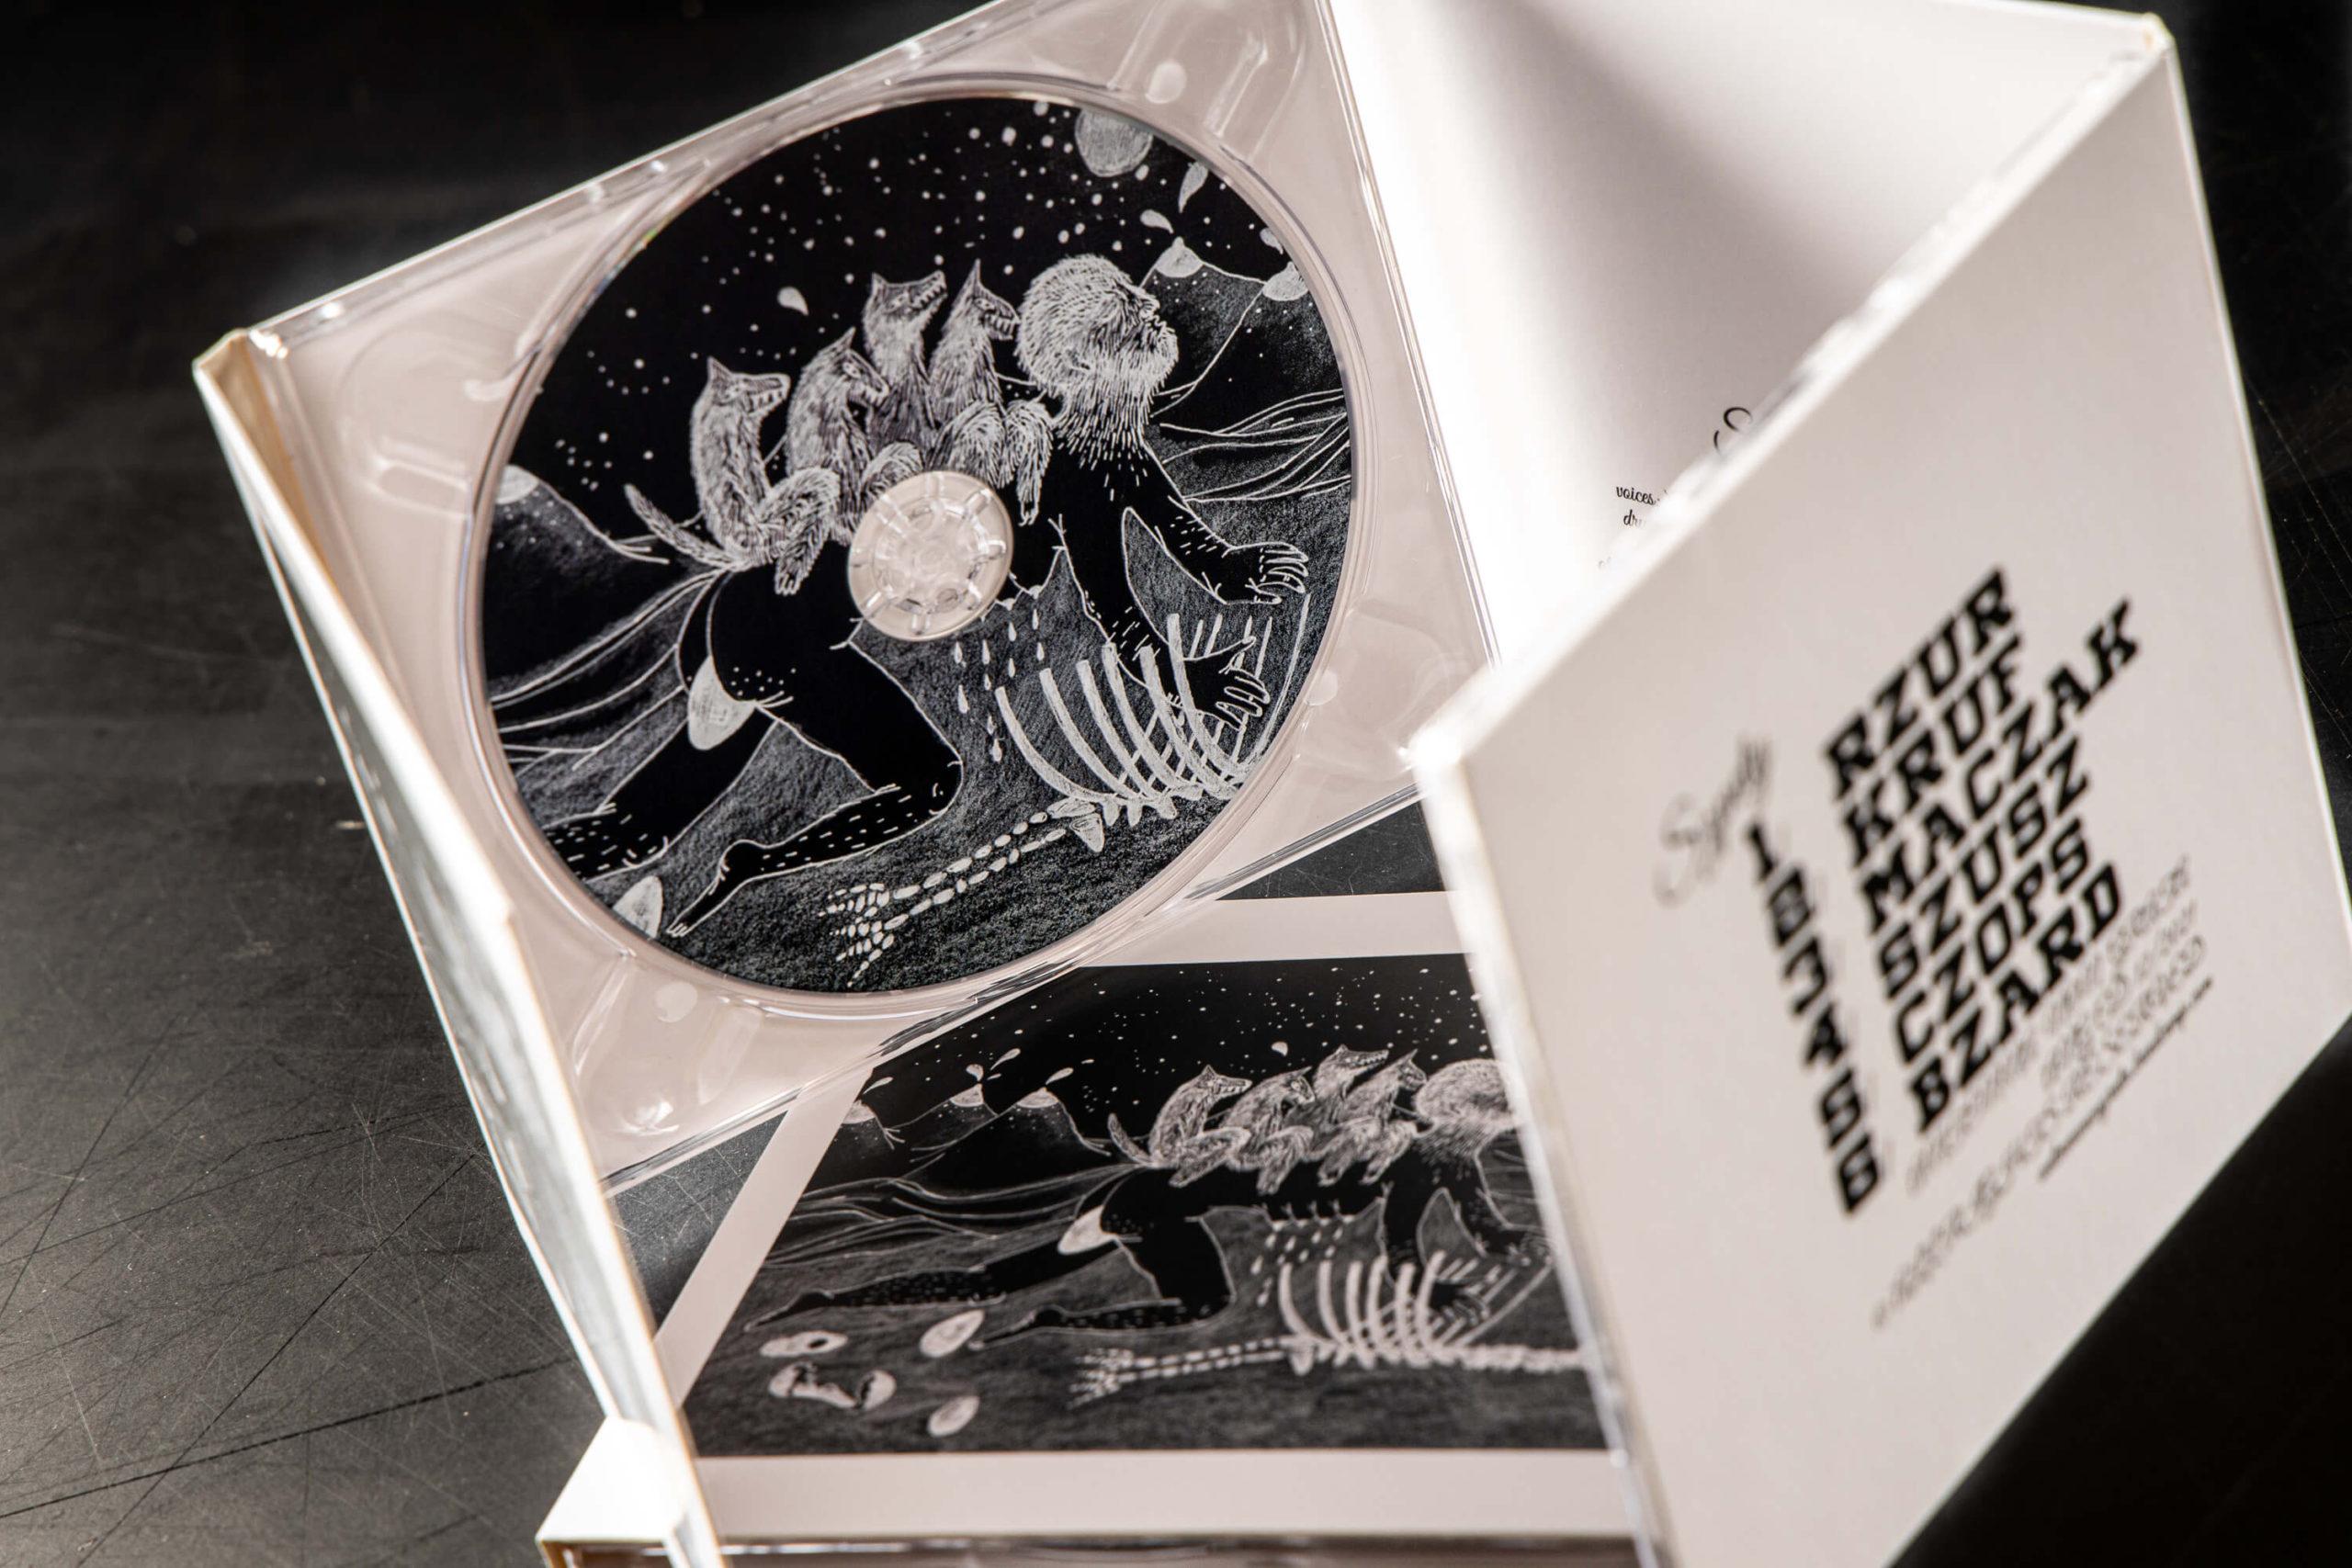 otwarte pudełko z płyta cd